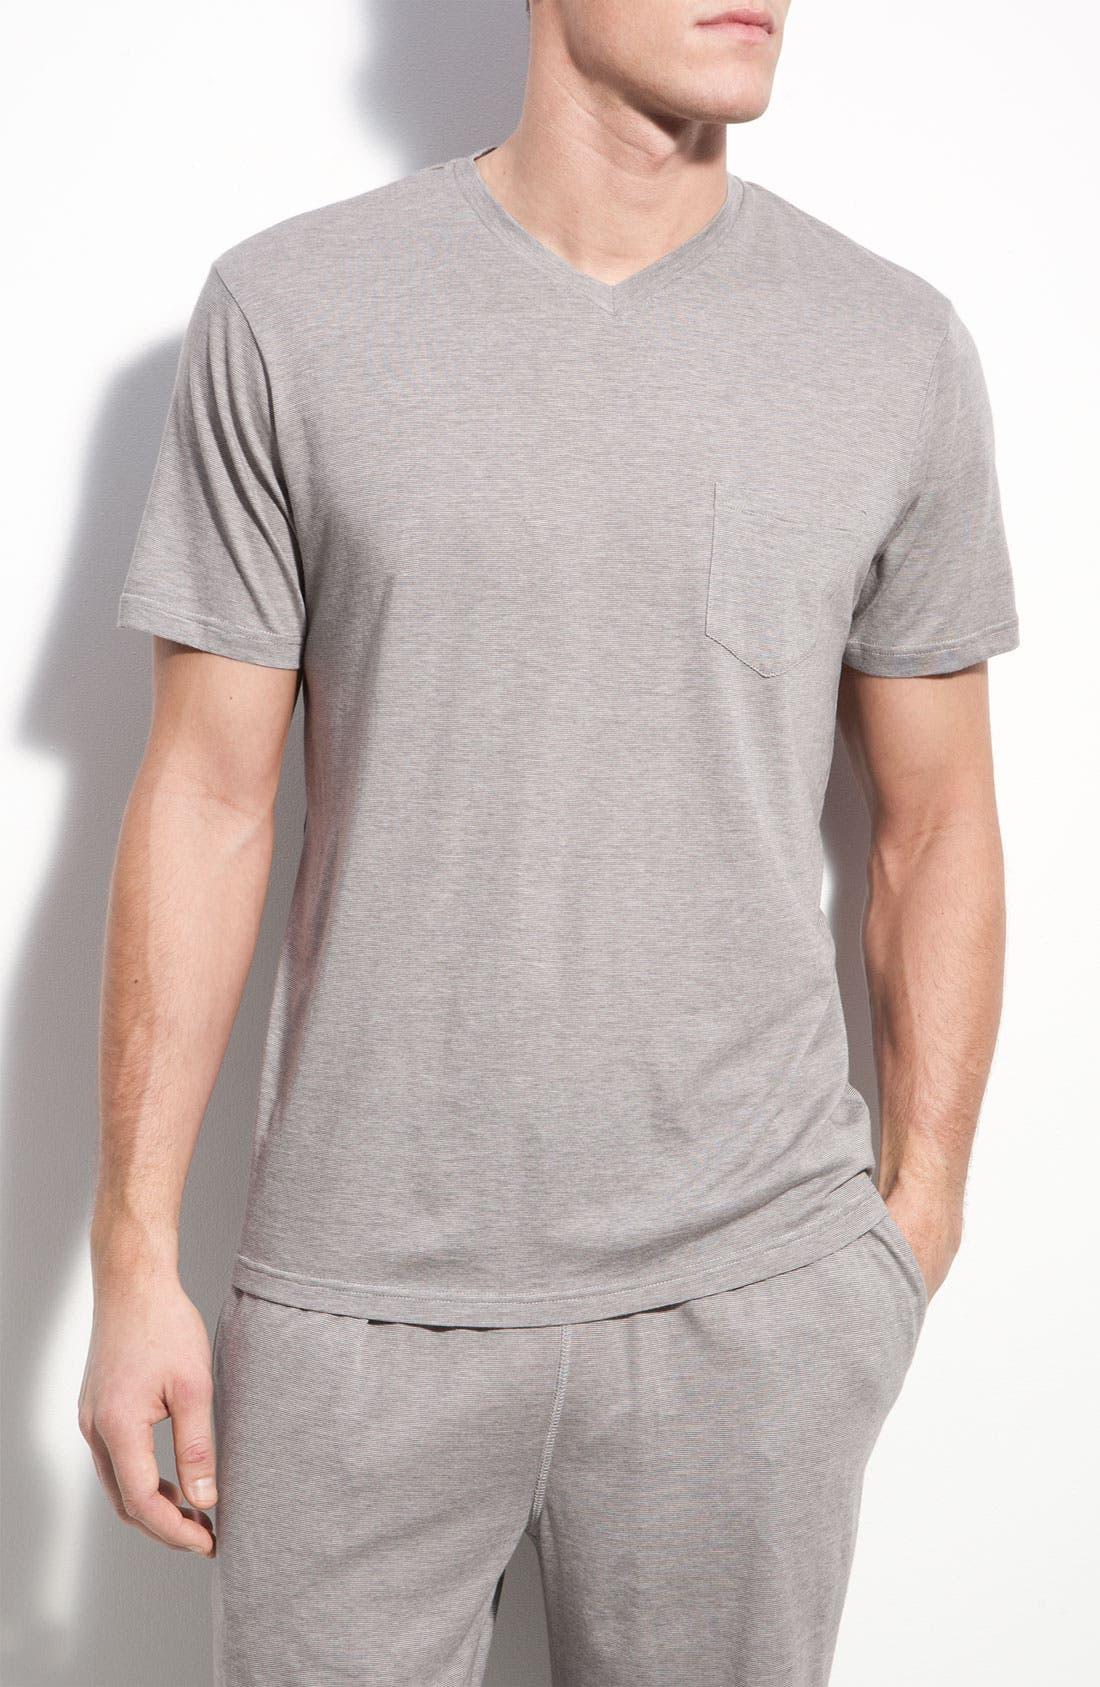 Alternate Image 1 Selected - Daniel Buchler Pima Cotton & Modal V-Neck T-Shirt